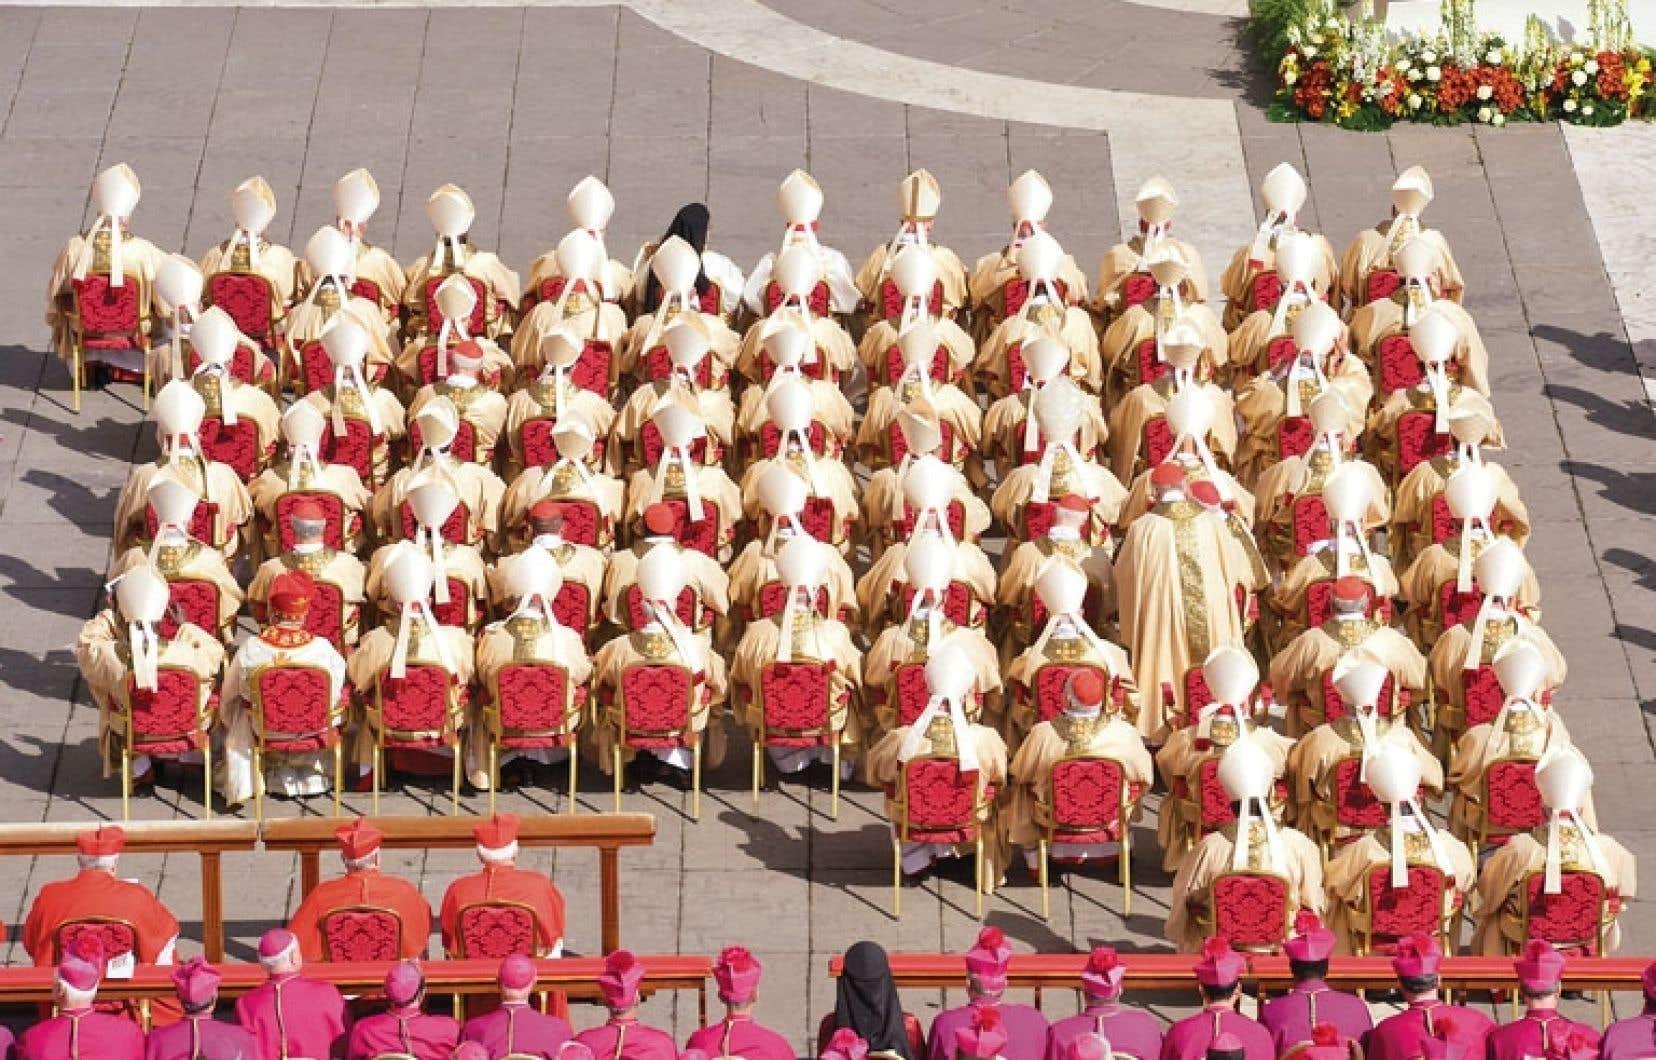 Ces vieux messieurs du Vatican, devenus incapables de penser hors du cercle étroit et vicieux de leur État d'opérette